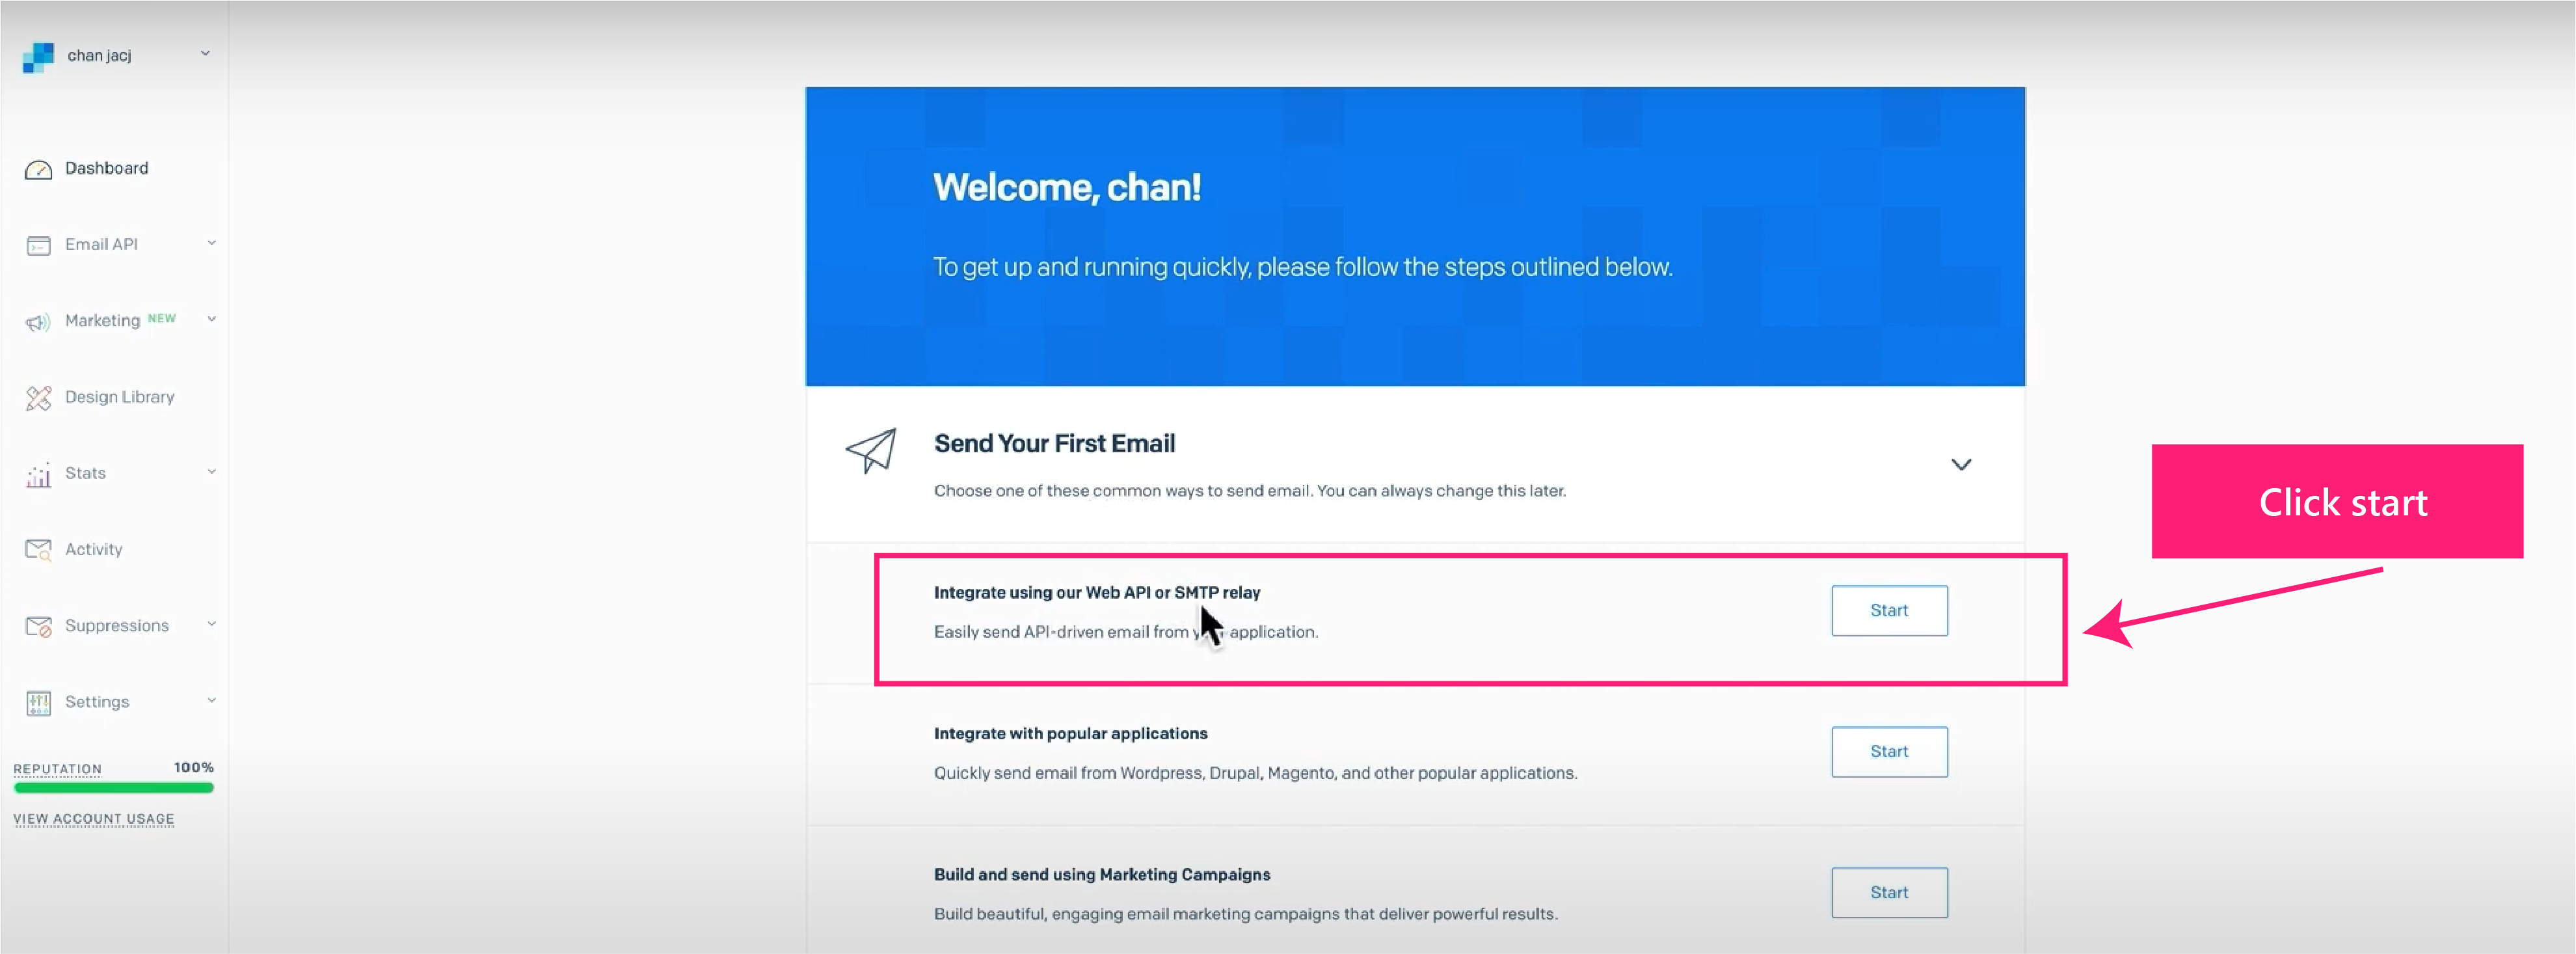 外贸网站搭建教程 - SendGrid邮件服务器dashboard